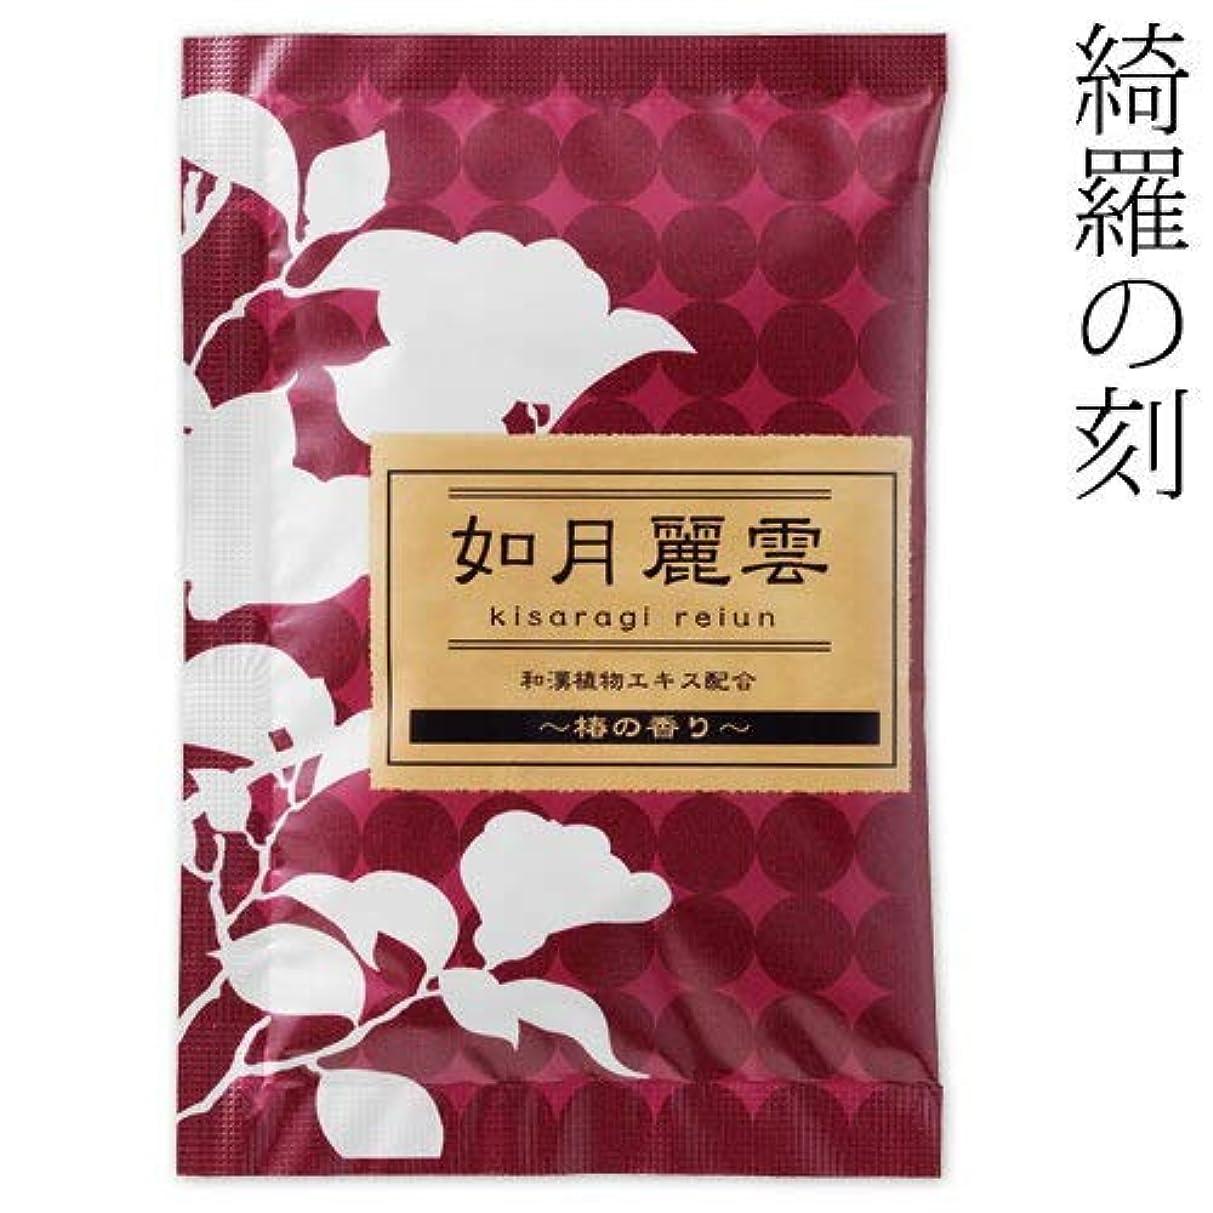 きらきらレーダー泣く入浴剤綺羅の刻椿の香り如月麗雲1包石川県のお風呂グッズBath additive, Ishikawa craft